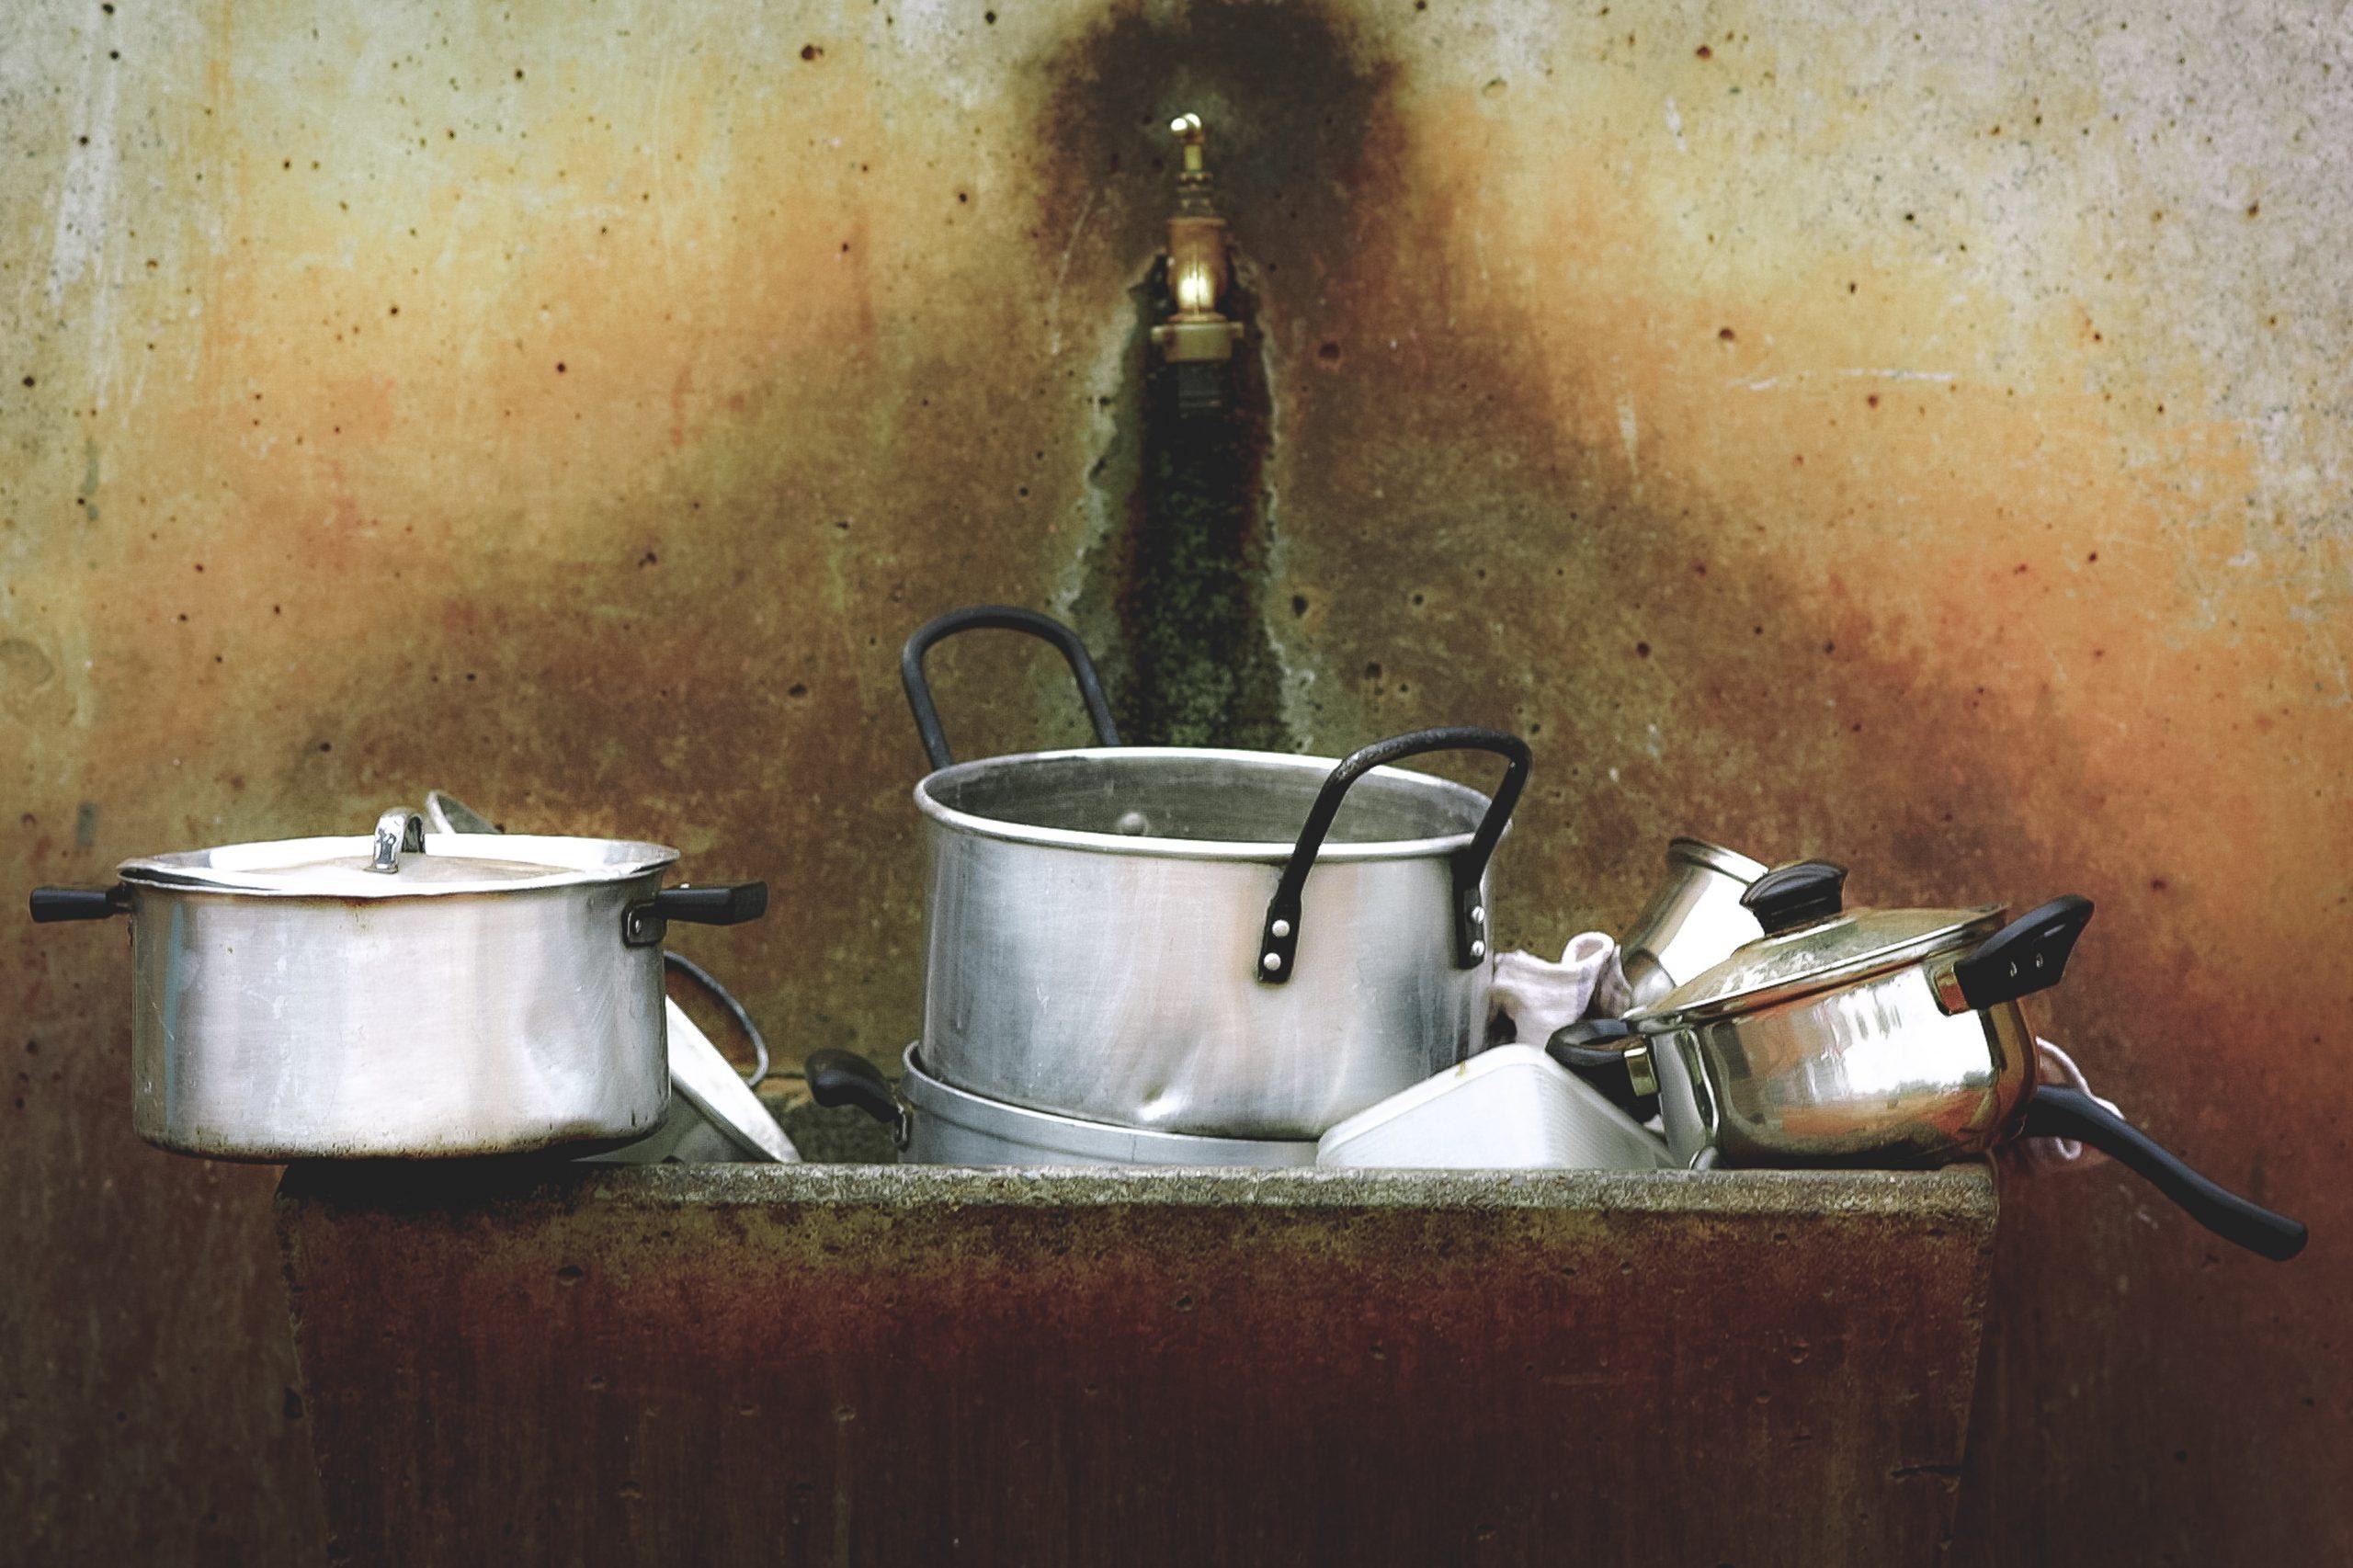 groen schoonmaken tips inspiratie review producten marcels green soap groene zeep schoonmaakazijn natuur rubber handschoenen